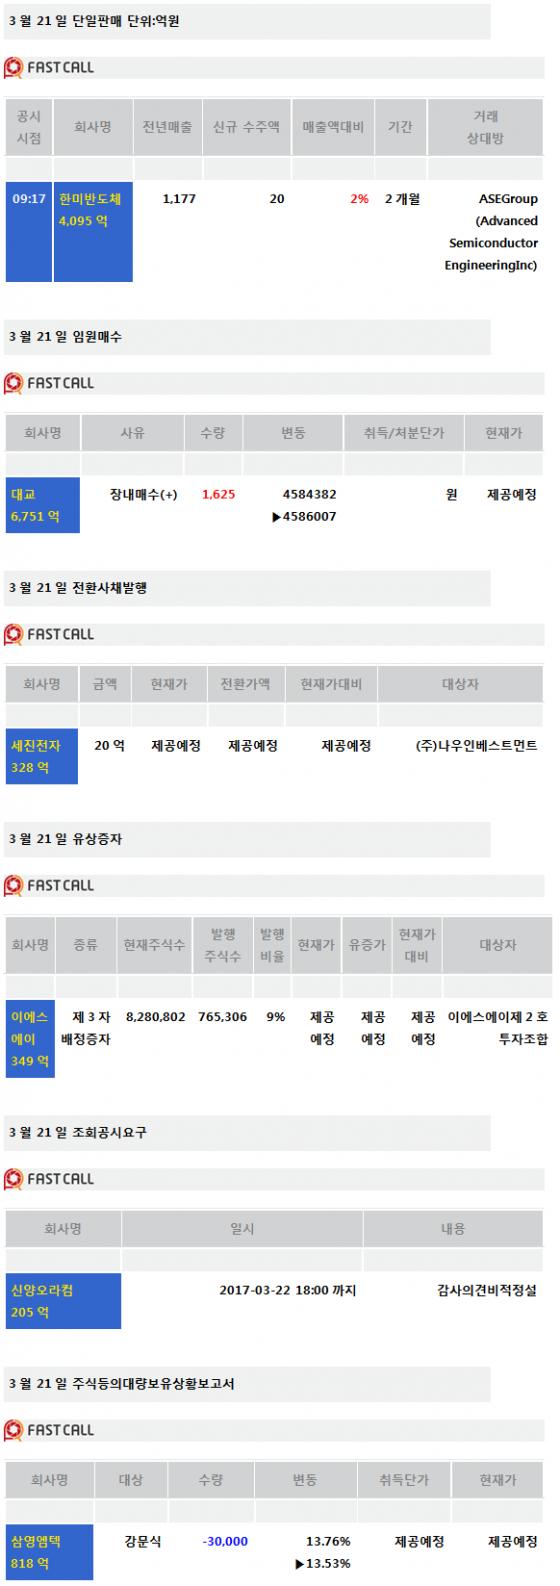 [주식정보]21일 상장사 공시현황